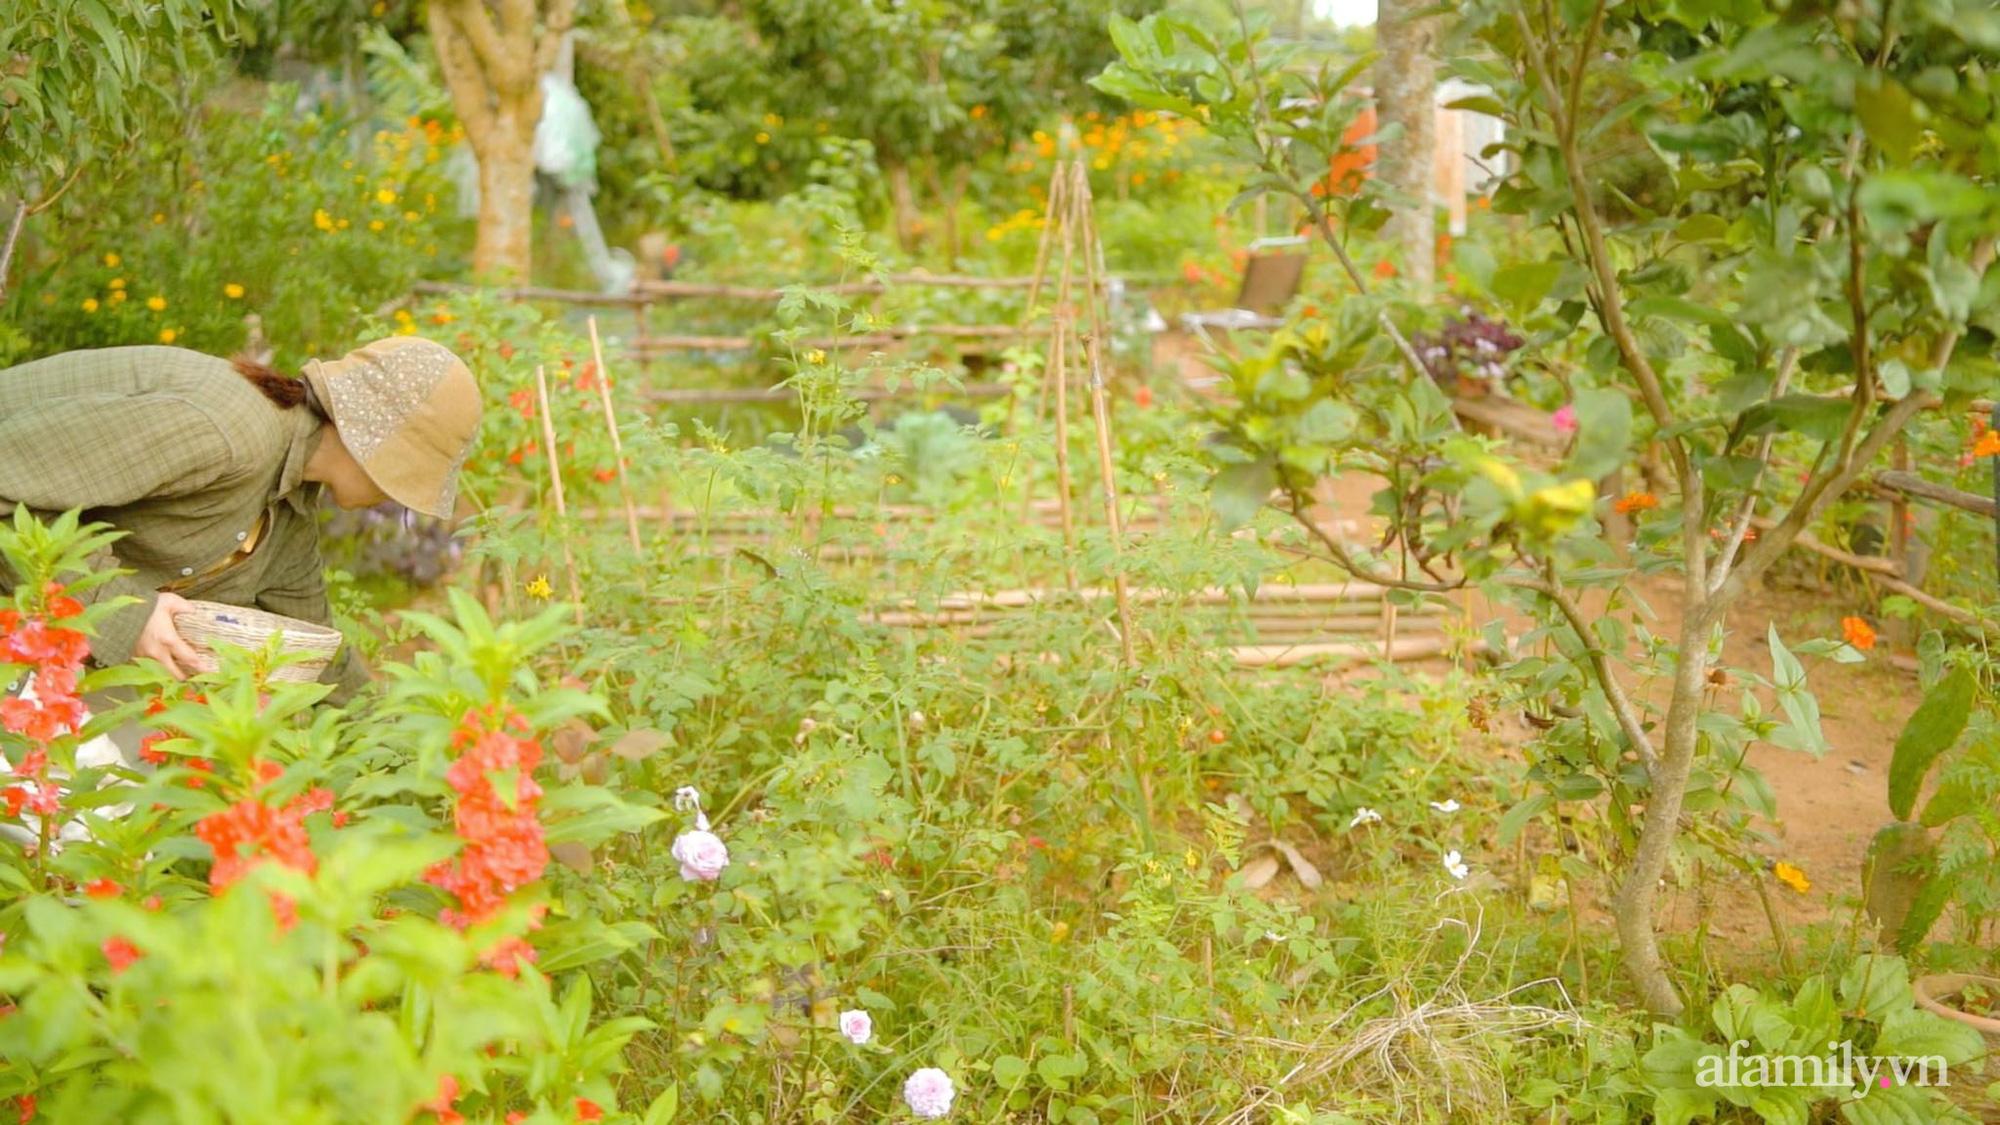 Chán cuộc sống bon chen ở phố, cặp vợ chồng 9X có thu nhập ổn định quyết định chọn về quê sống bình yên bên vườn tược ở Đắk Lắk - Ảnh 3.